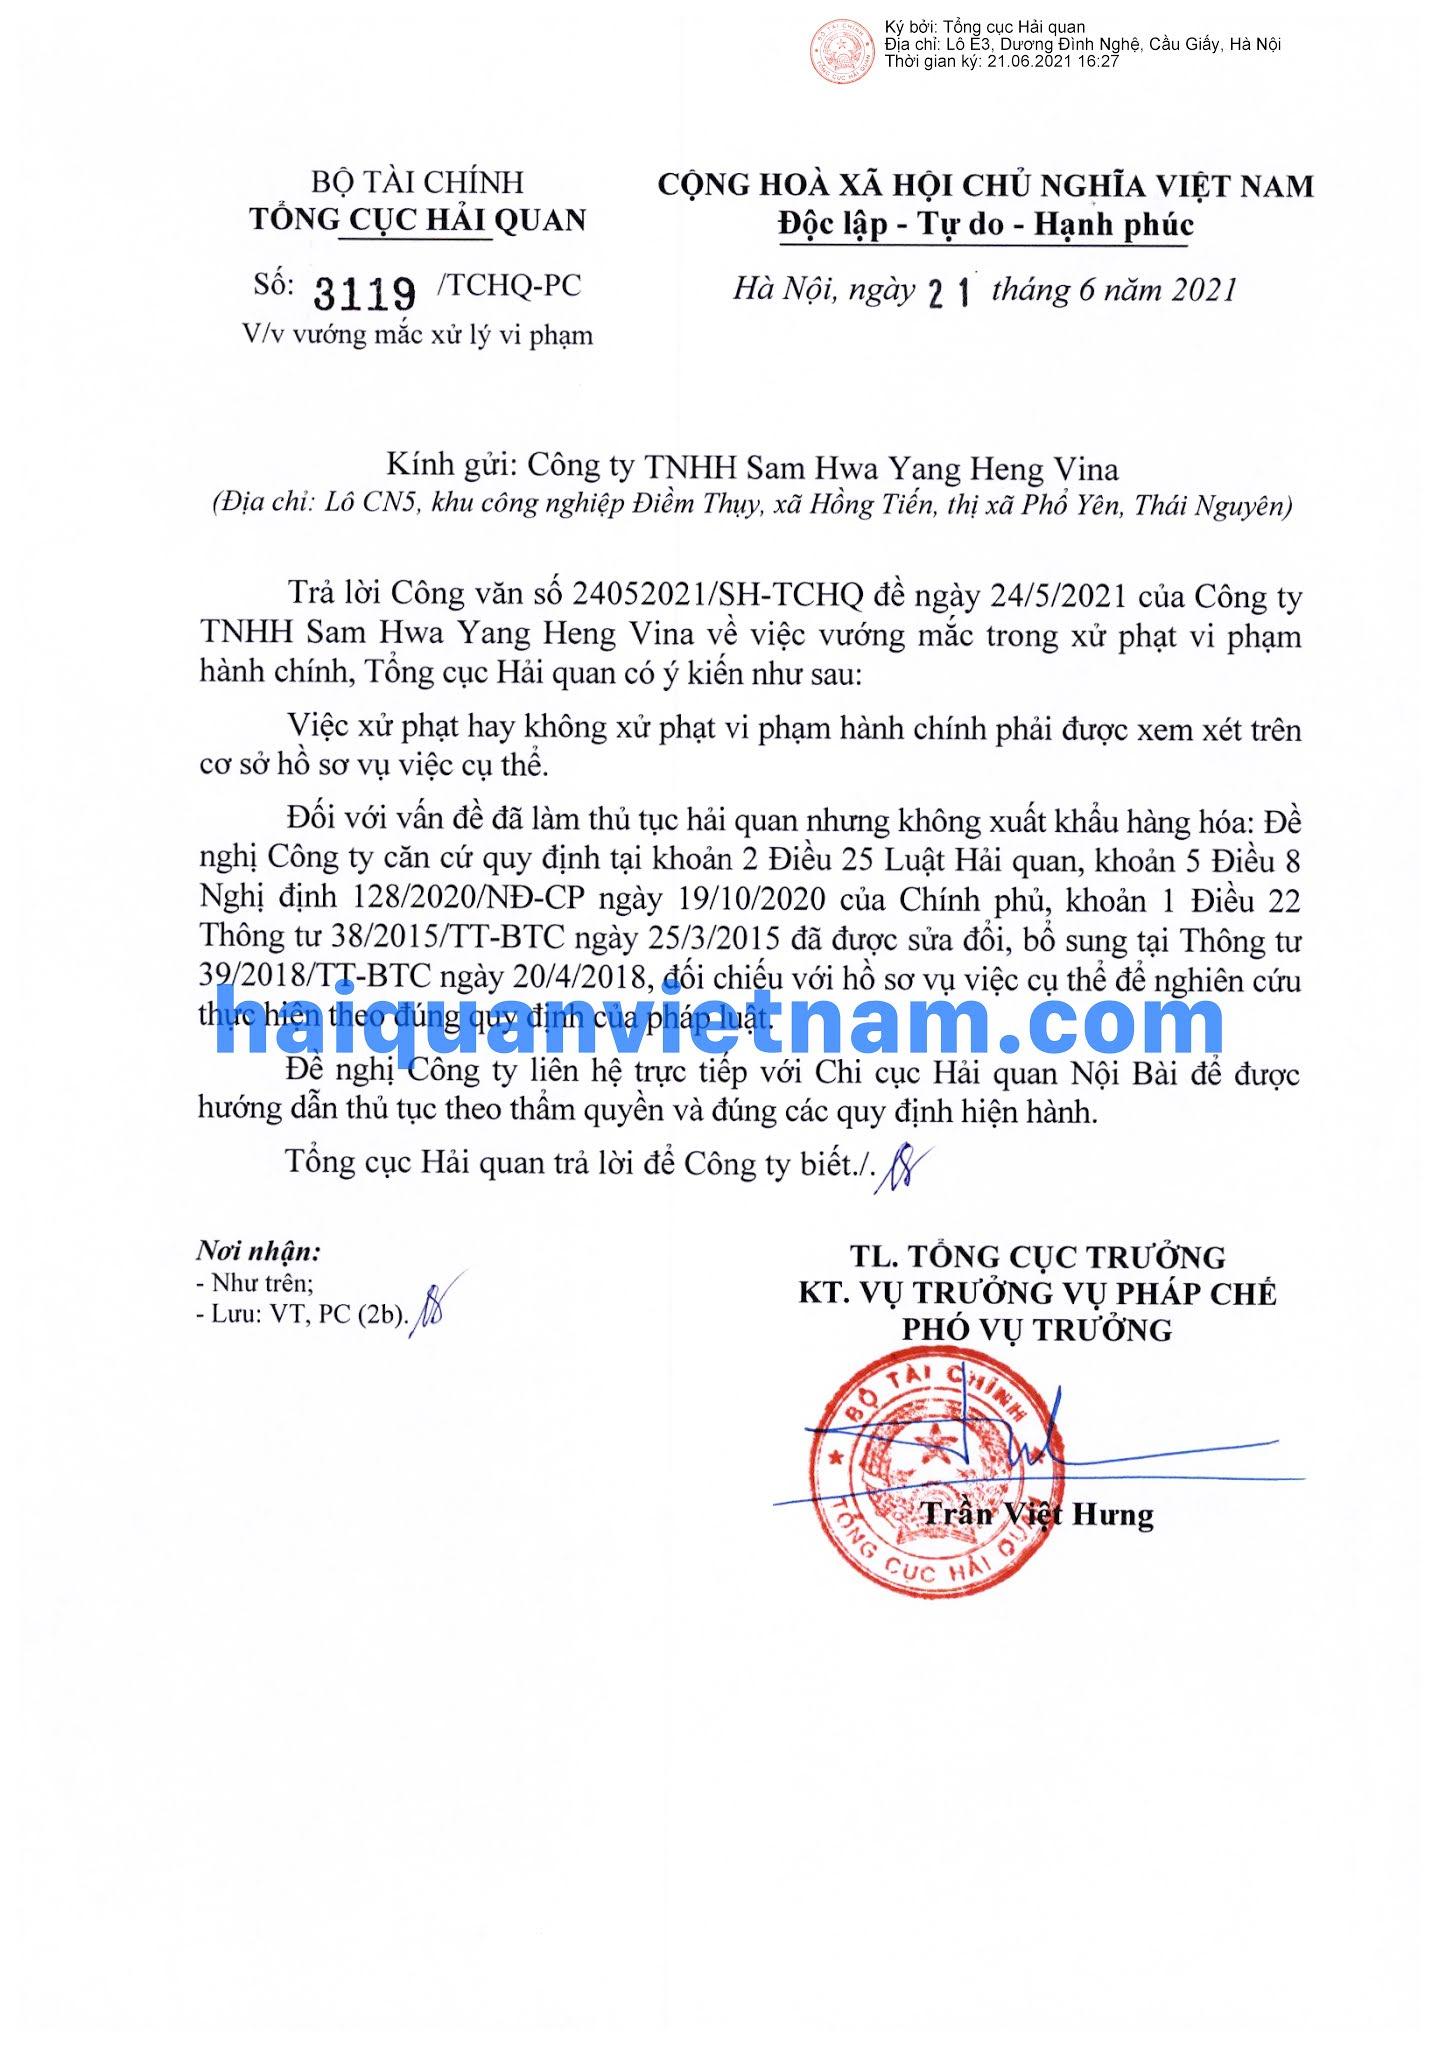 [Image: 210621_3119_TCHQ-PC_haiquanvietnam_01.jpg]